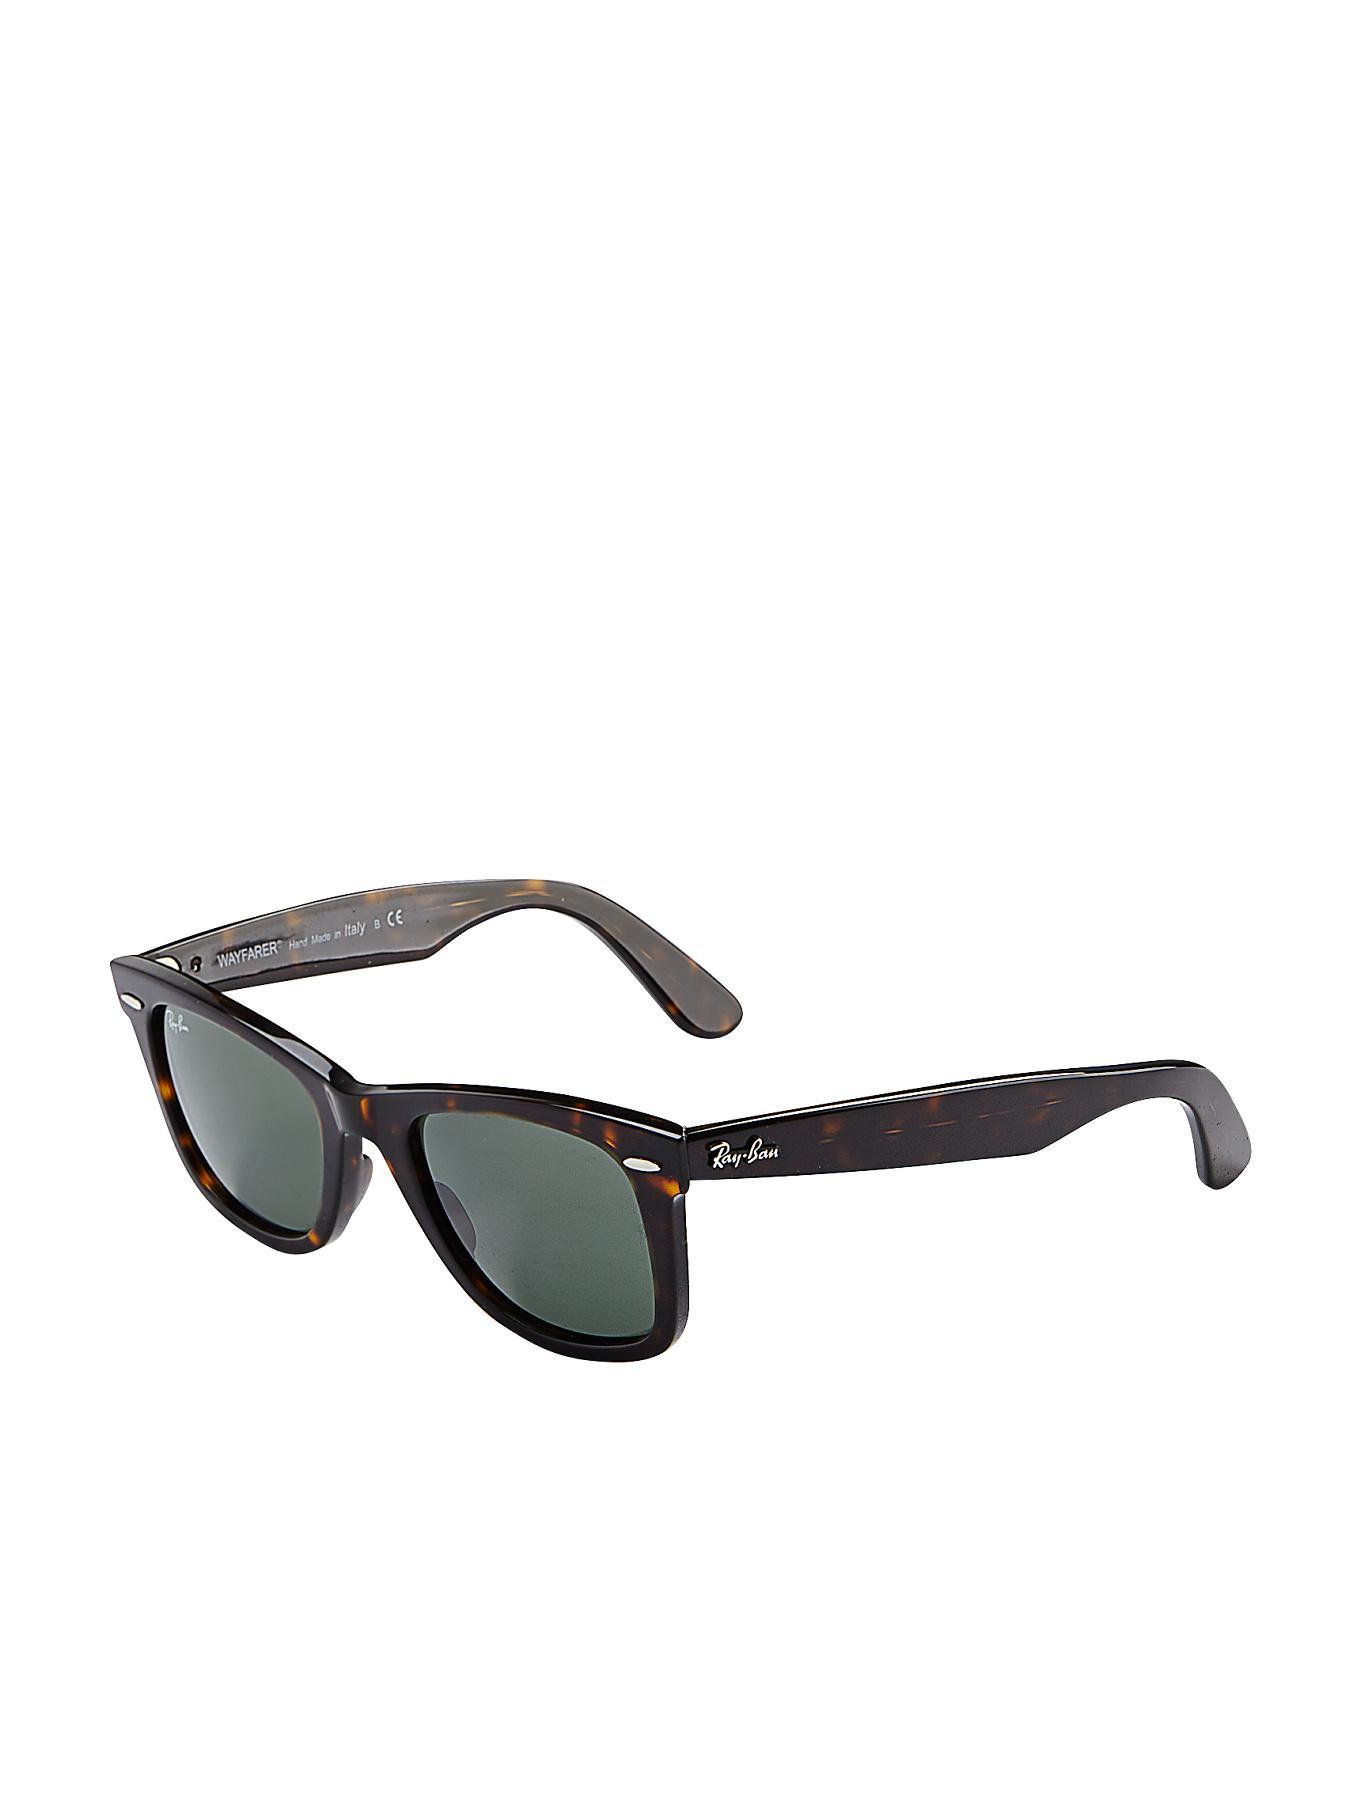 Ray-Ban Sunglasses - Tortoiseshell